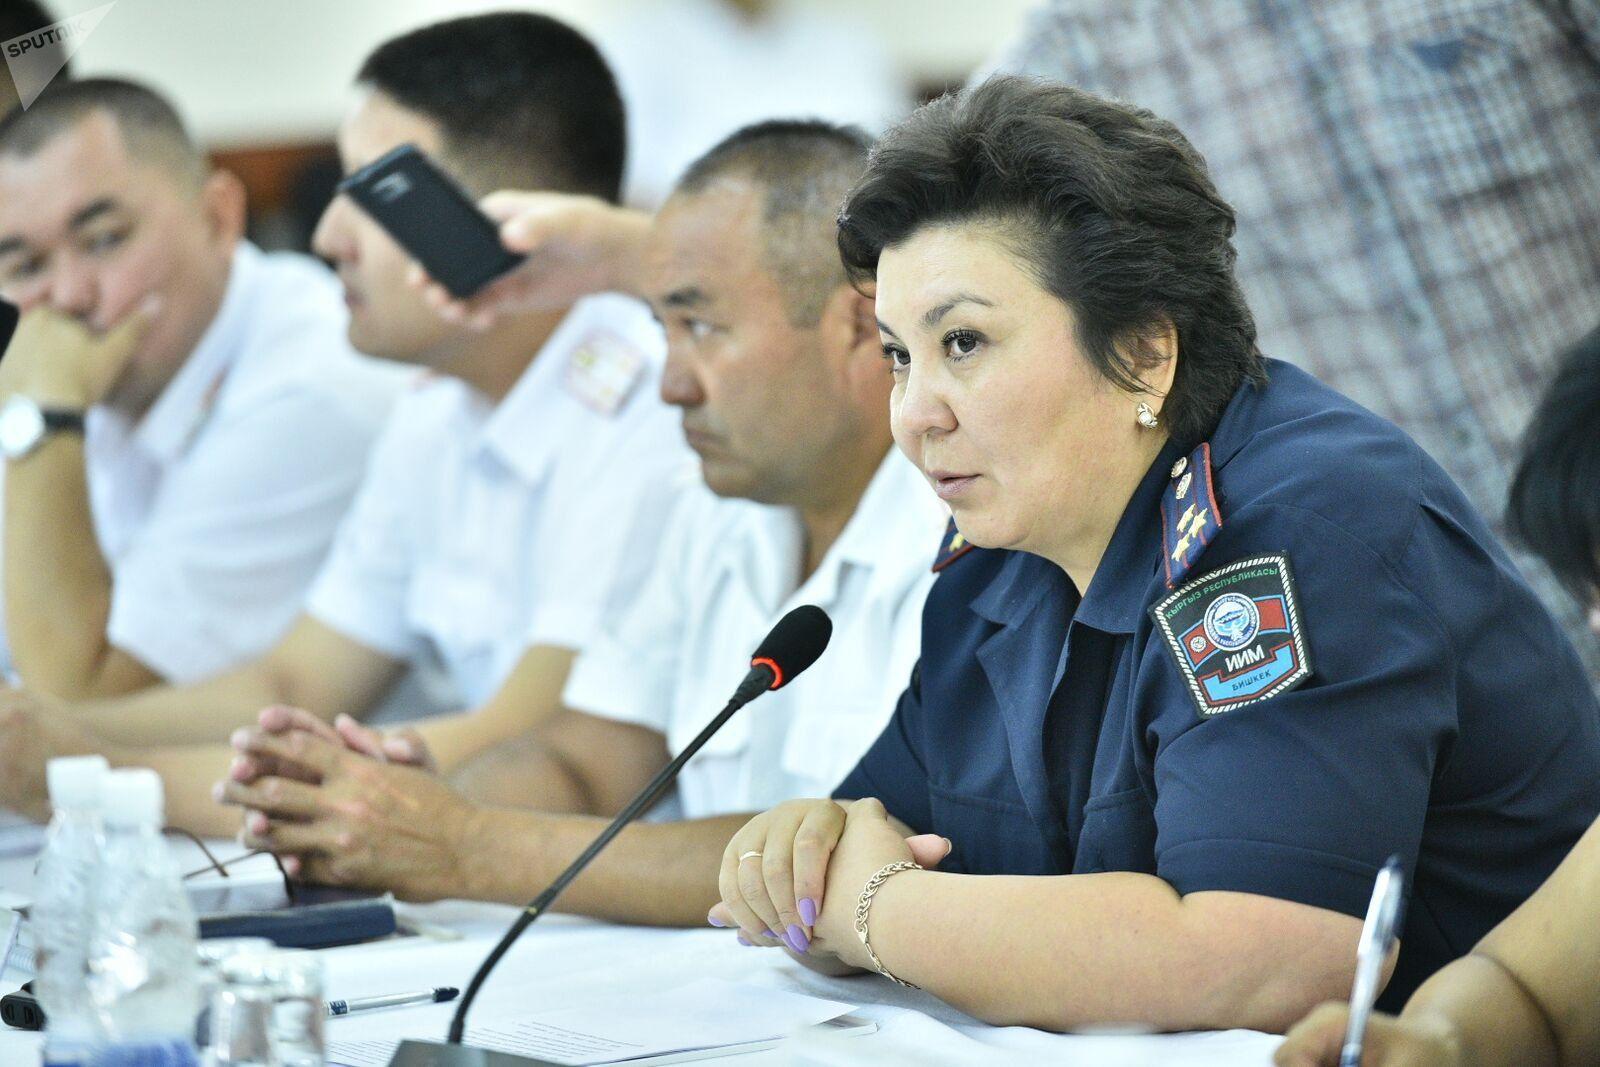 Начальник столичной дорожно-патрульной службы Главного управления внутренних дел полковник милиции Зумрад Джанабаева. Архивное фото